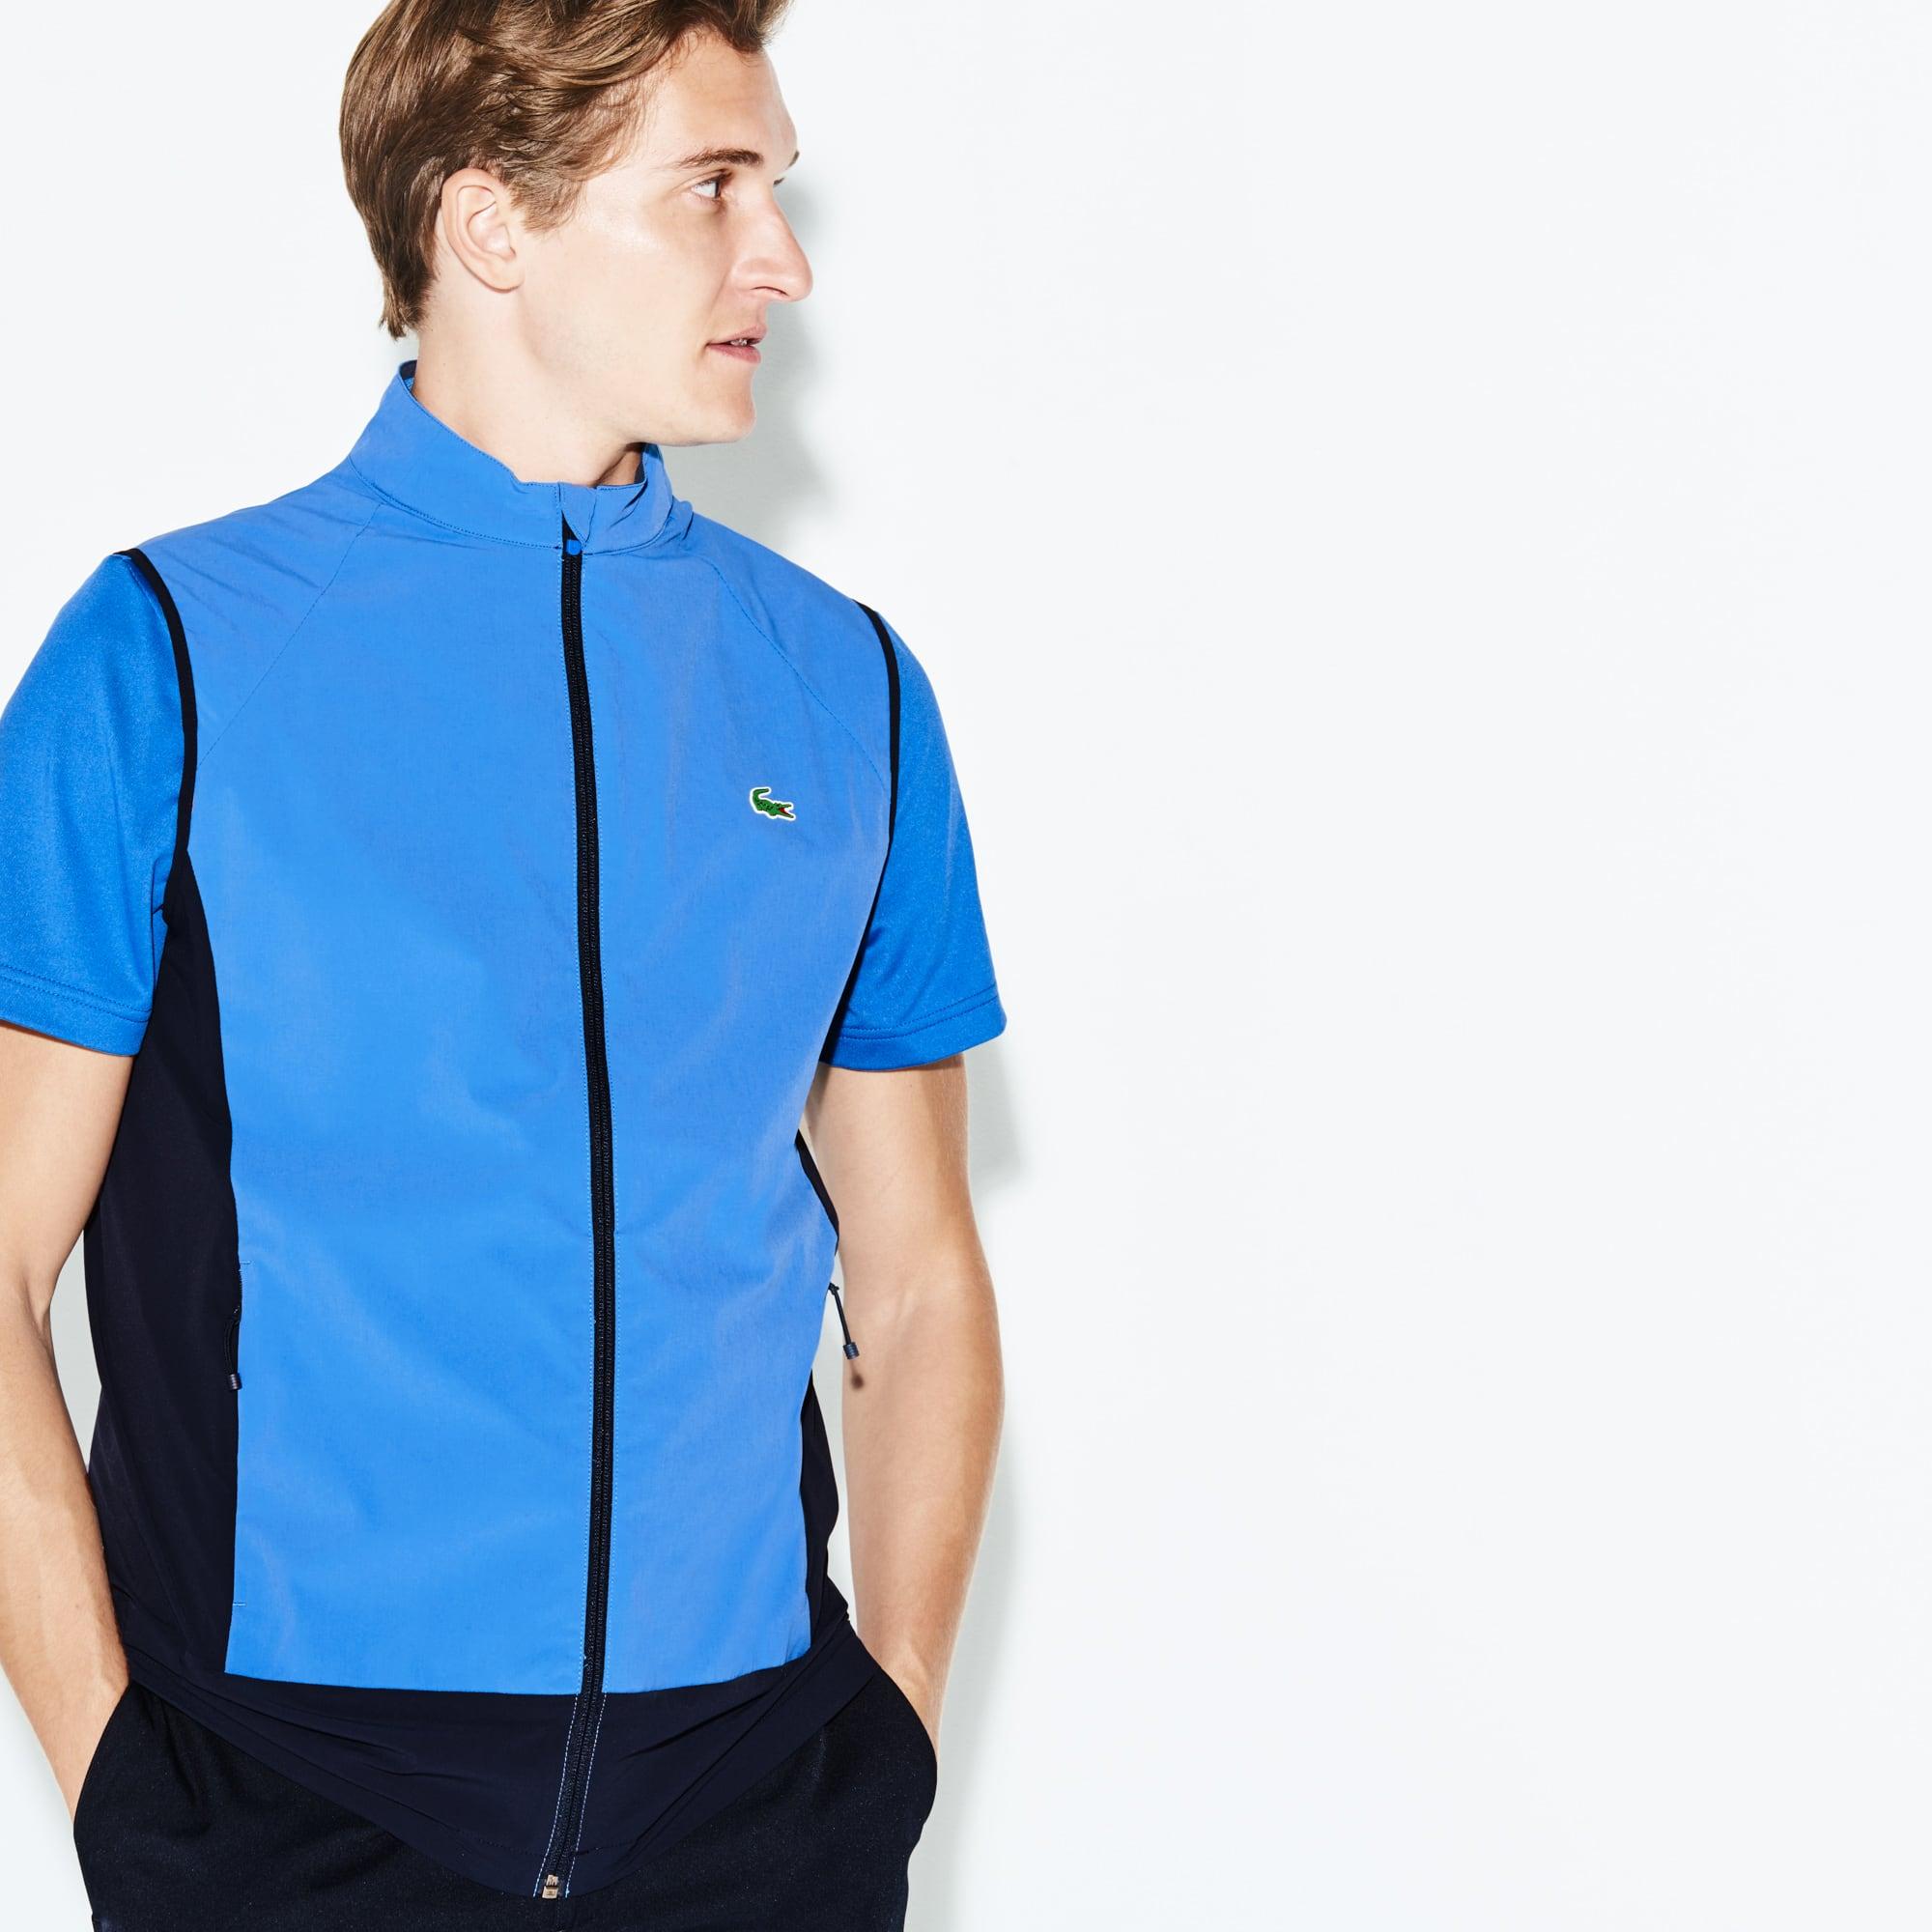 Blusão sem mangas Golf Lacoste SPORT em tafetá técnico color block